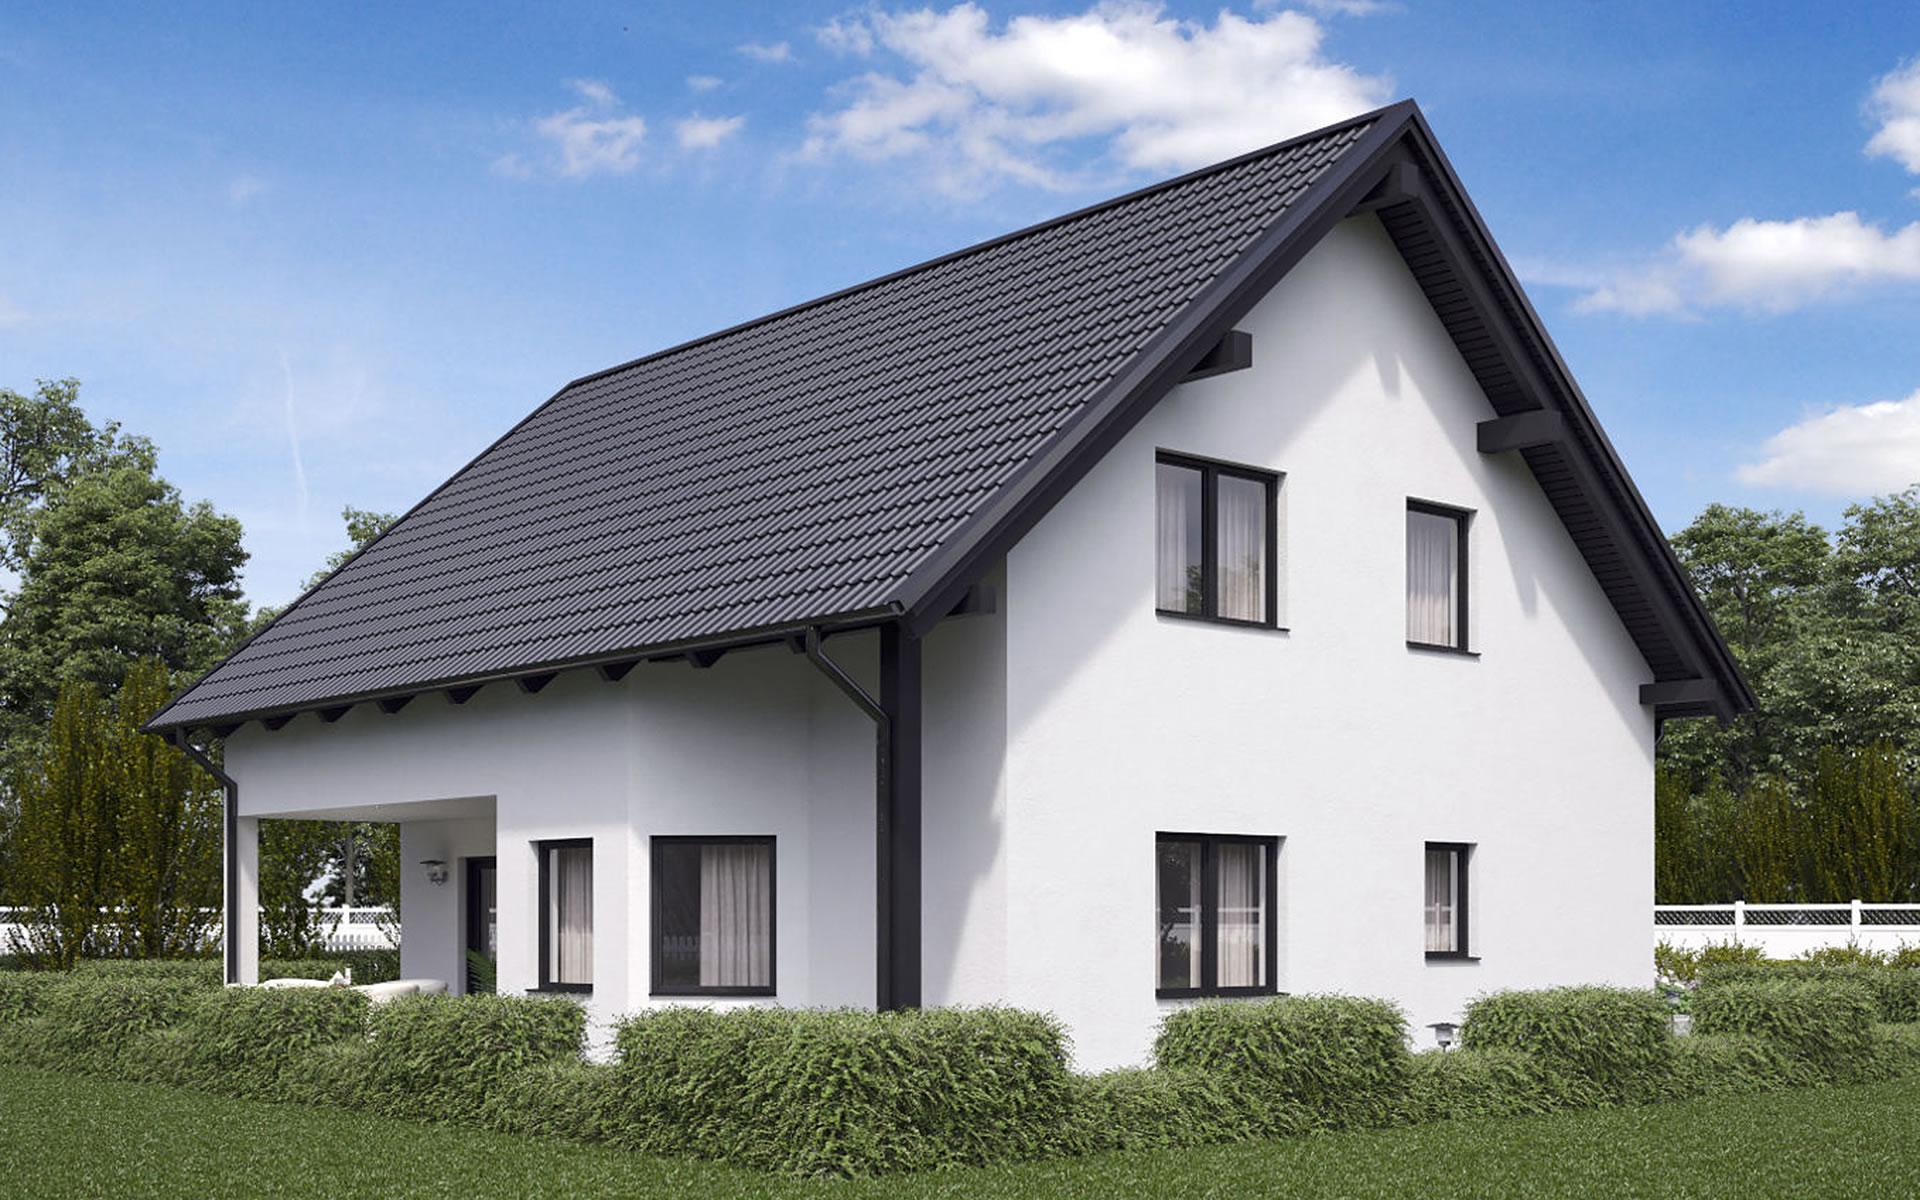 Komfort BS 129 von B&S Selbstbausysteme GmbH & Co. KG